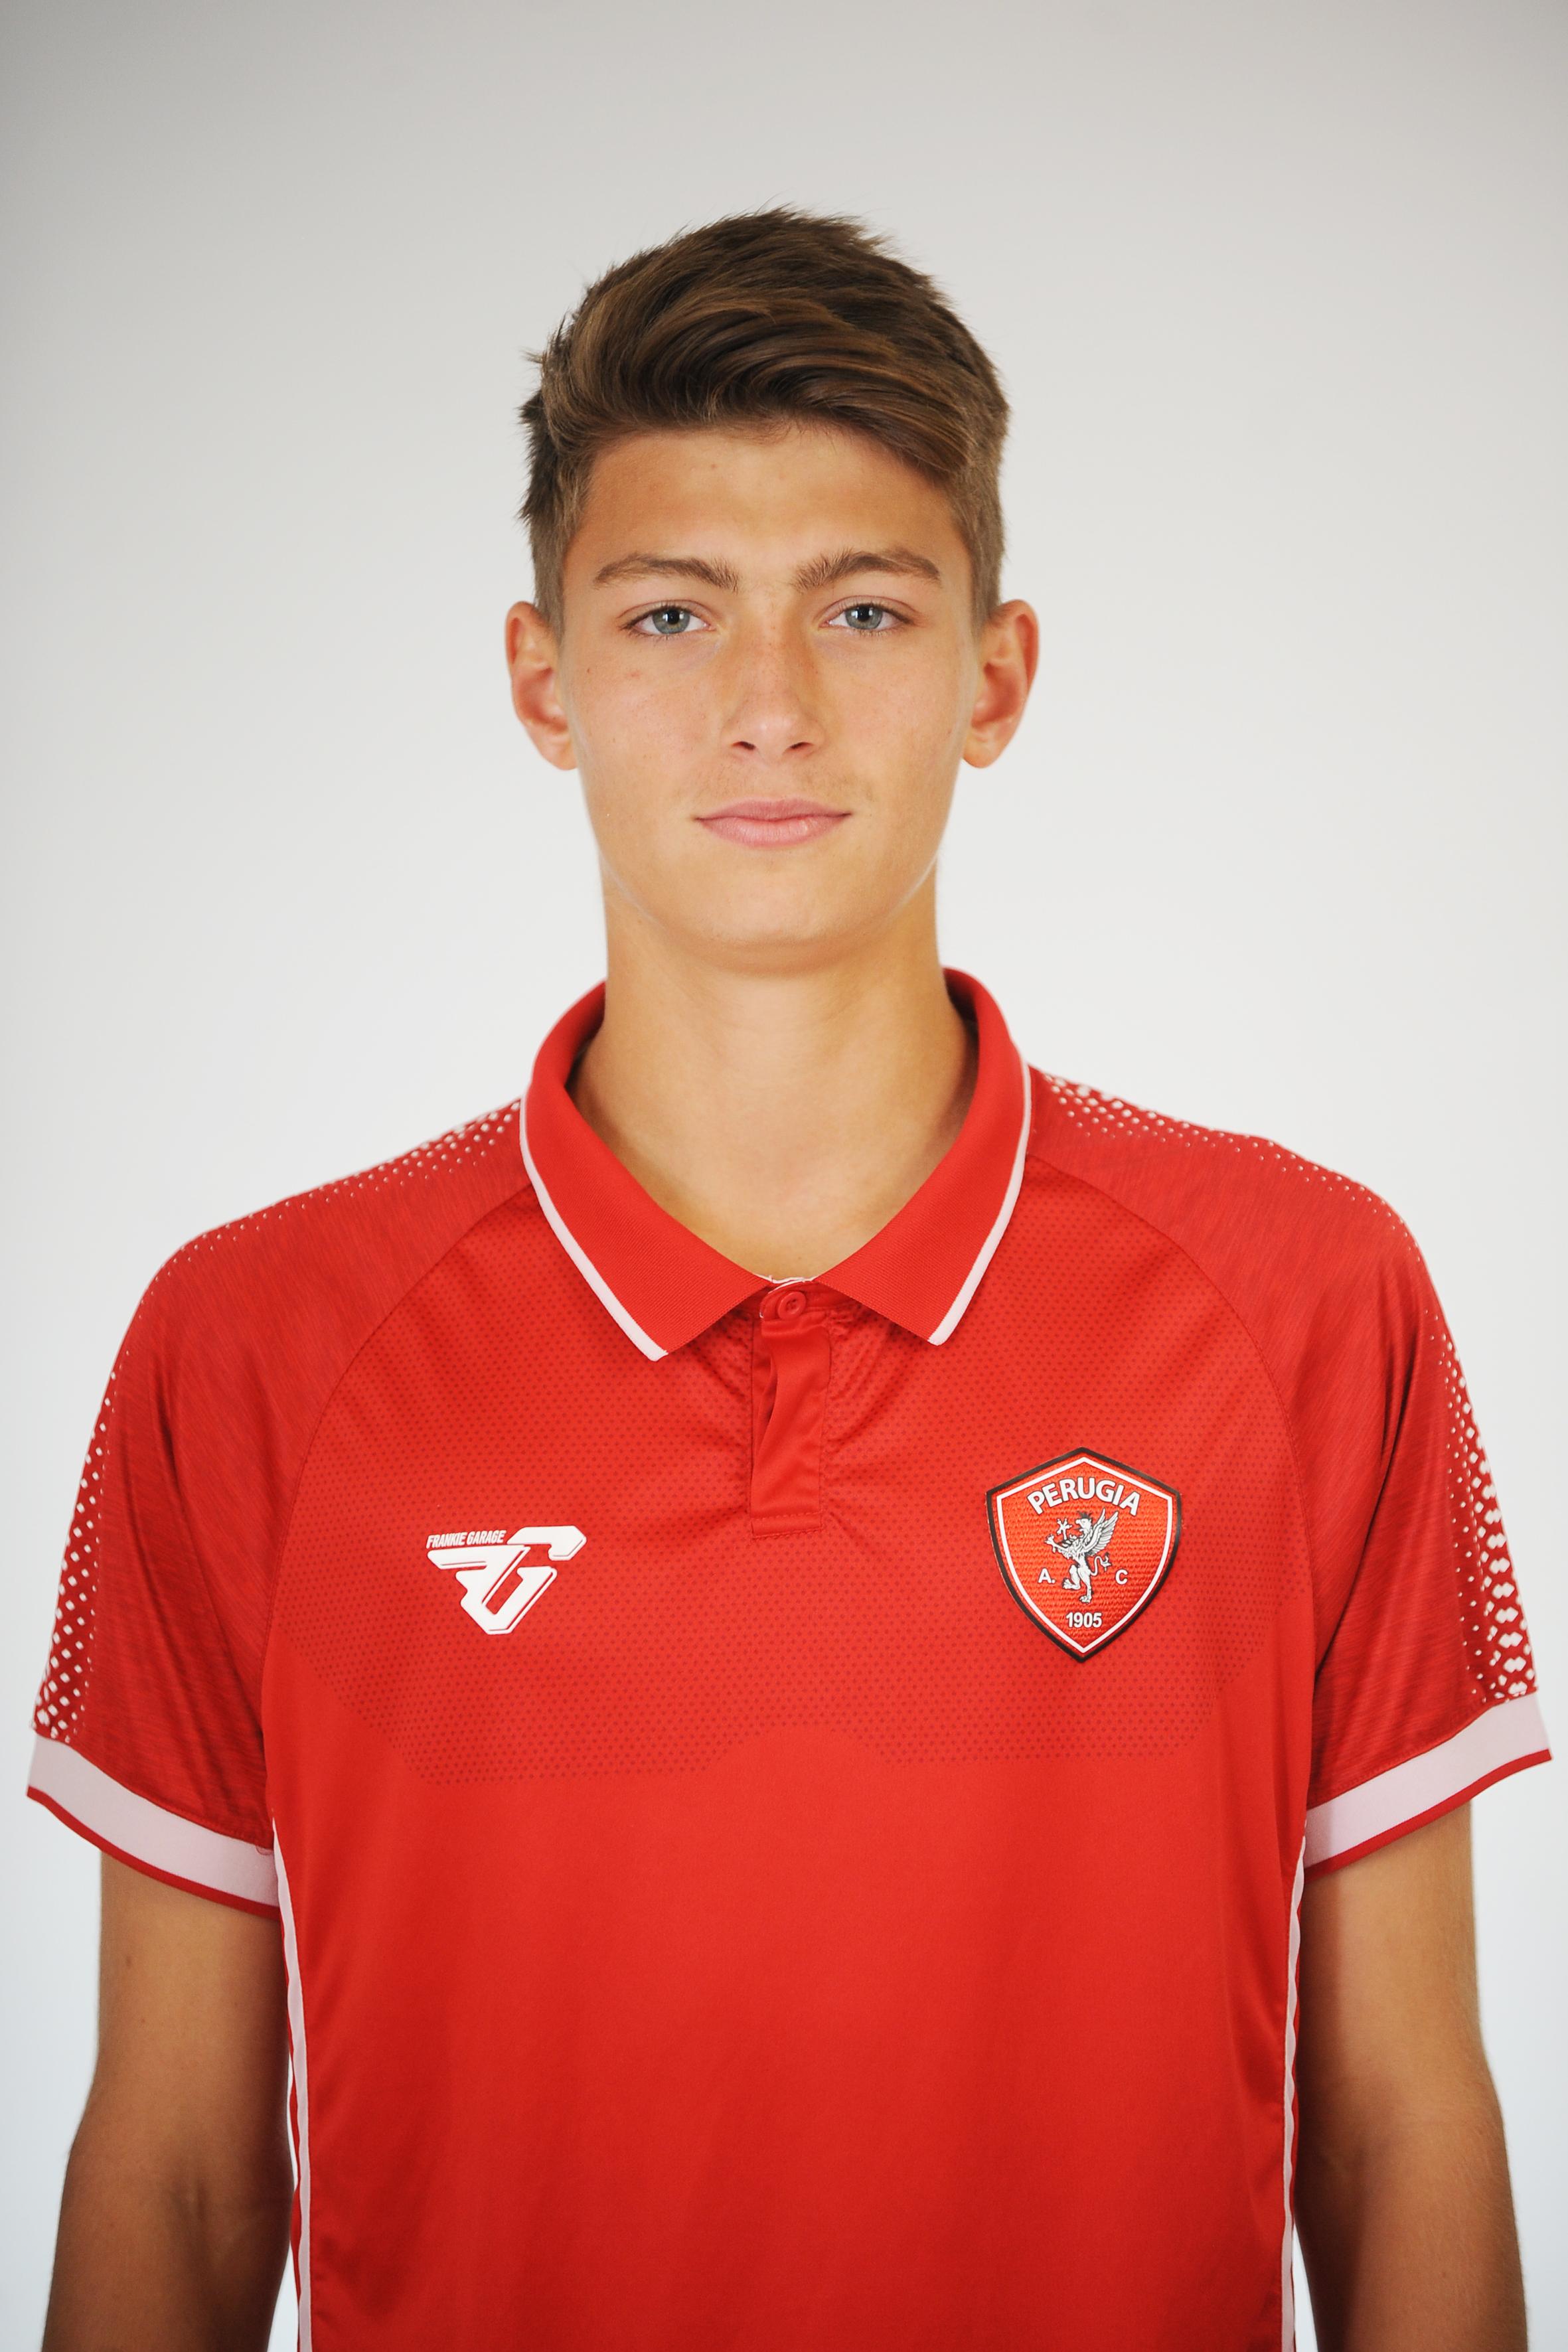 Arthem OnishenkoCentrocampista- A.C. Perugia Calcio